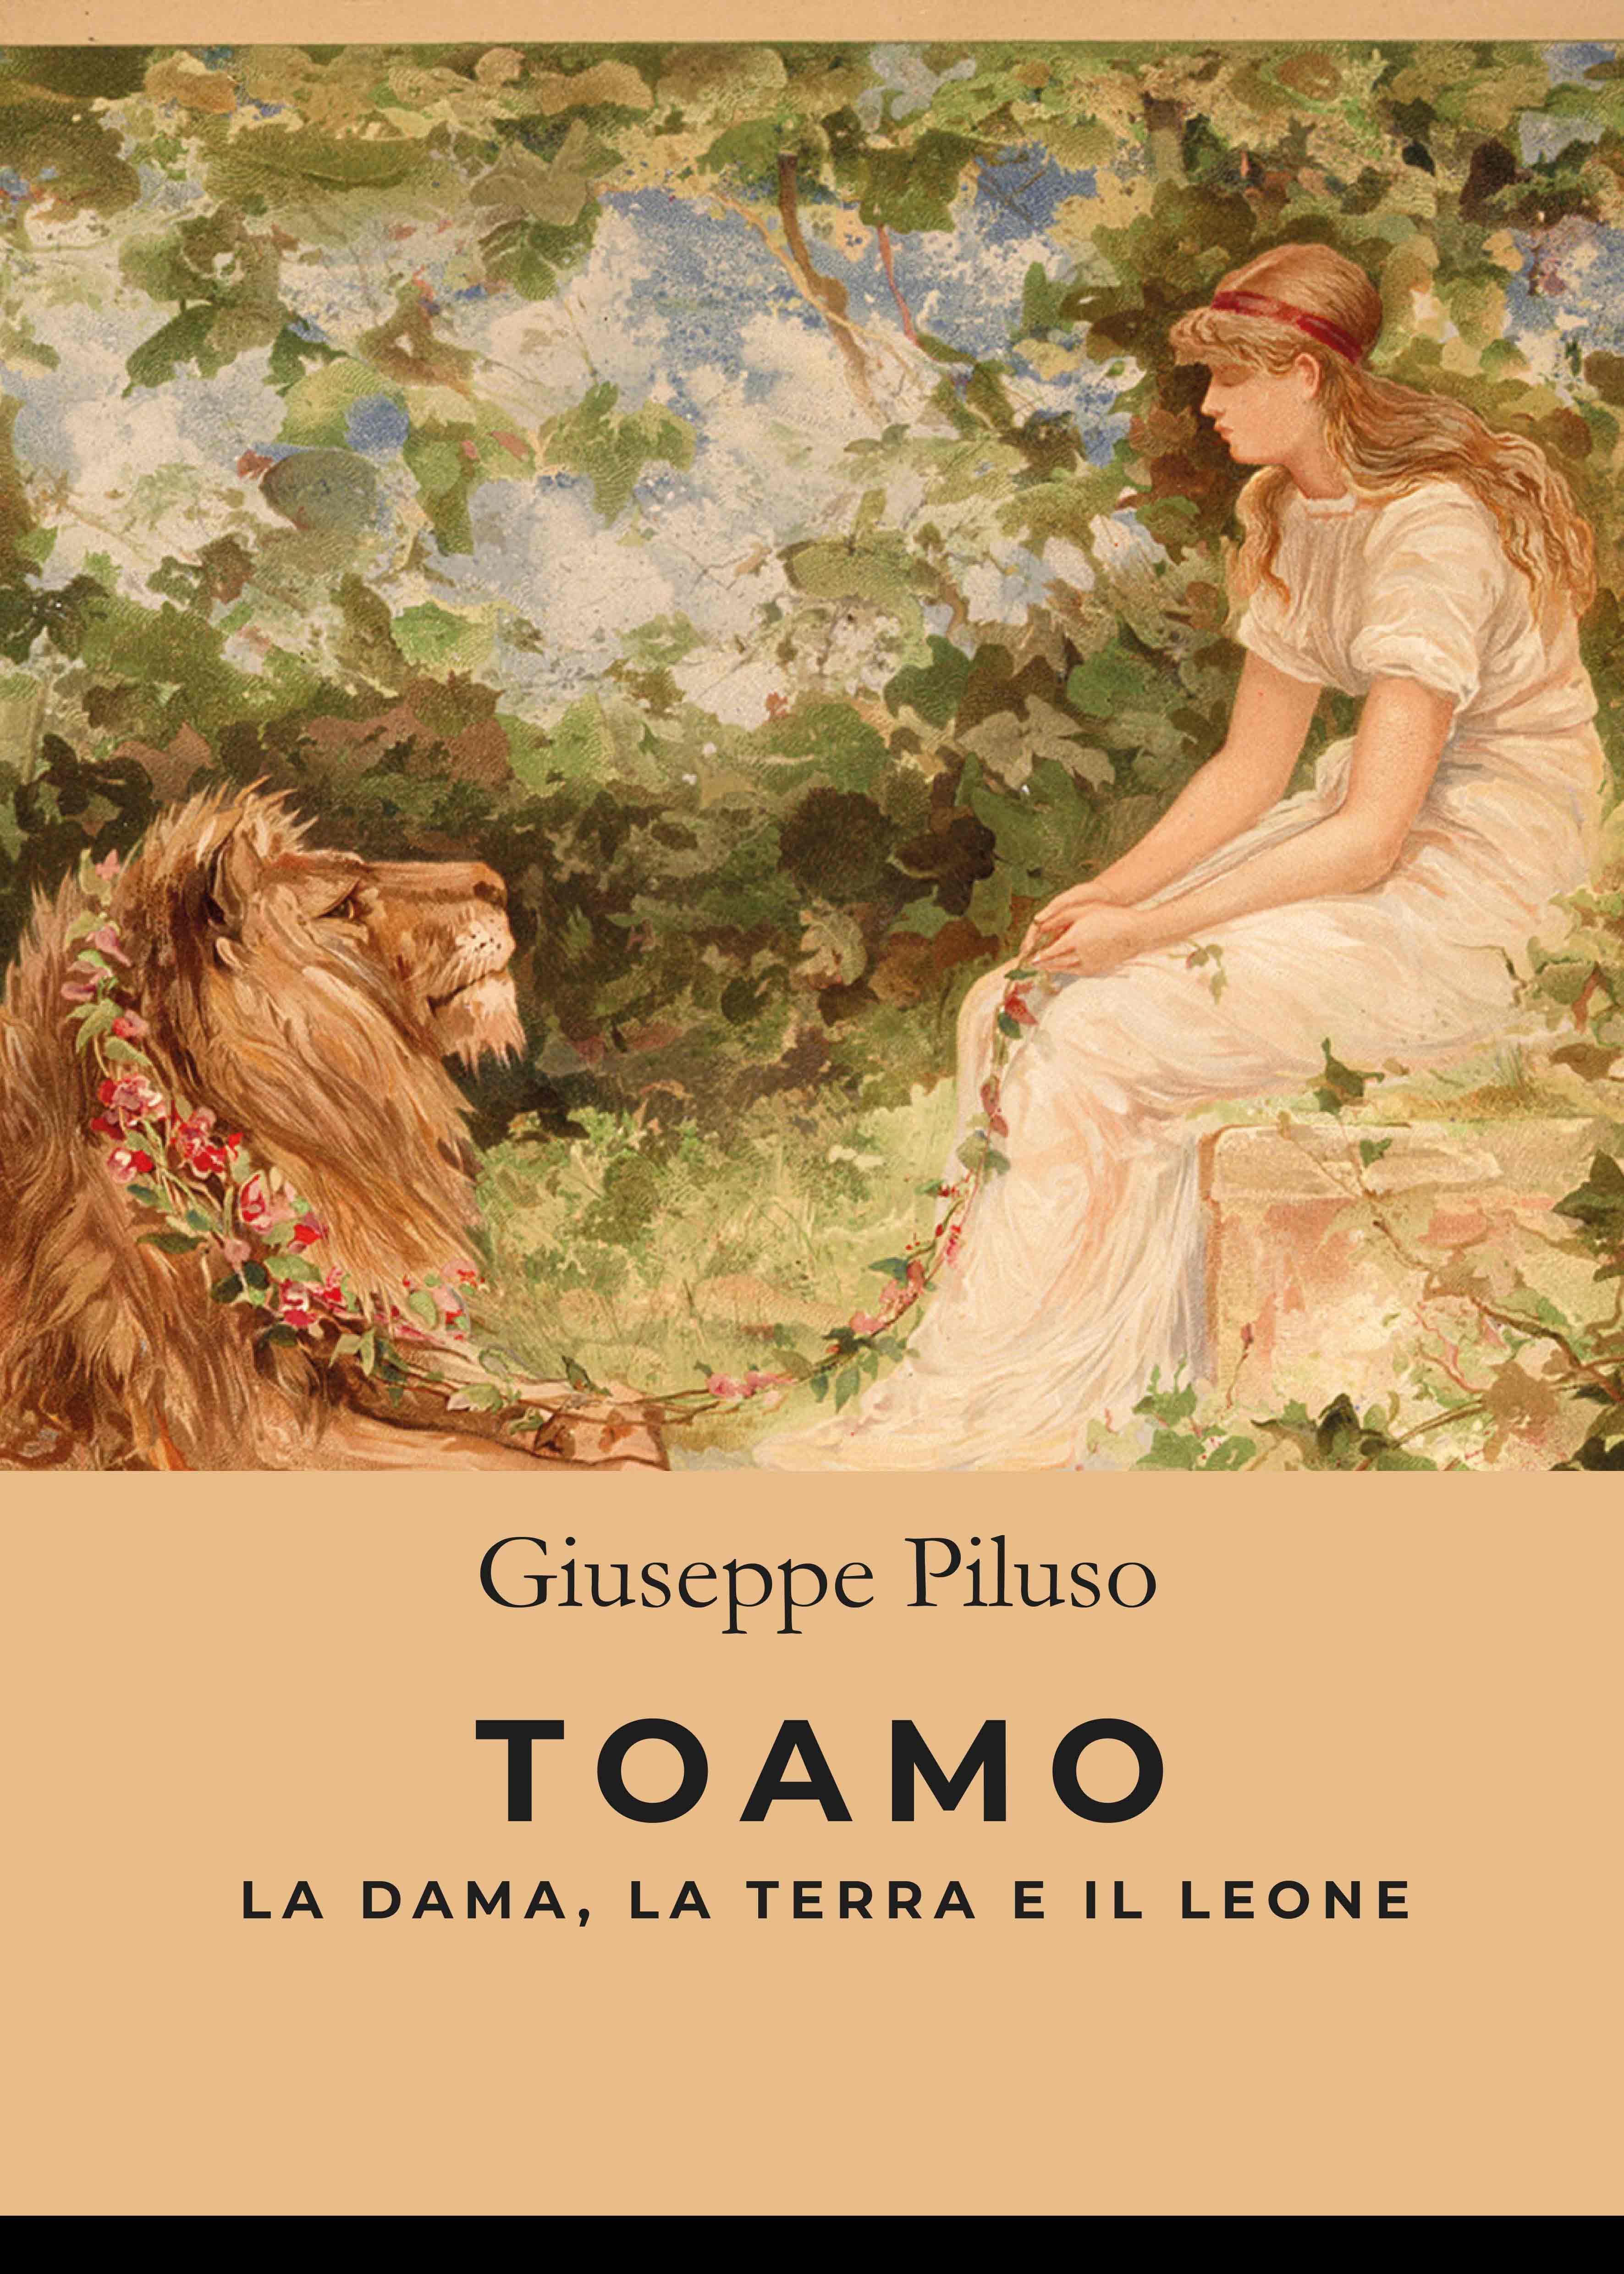 Toamo - La dama, la terra e il leone